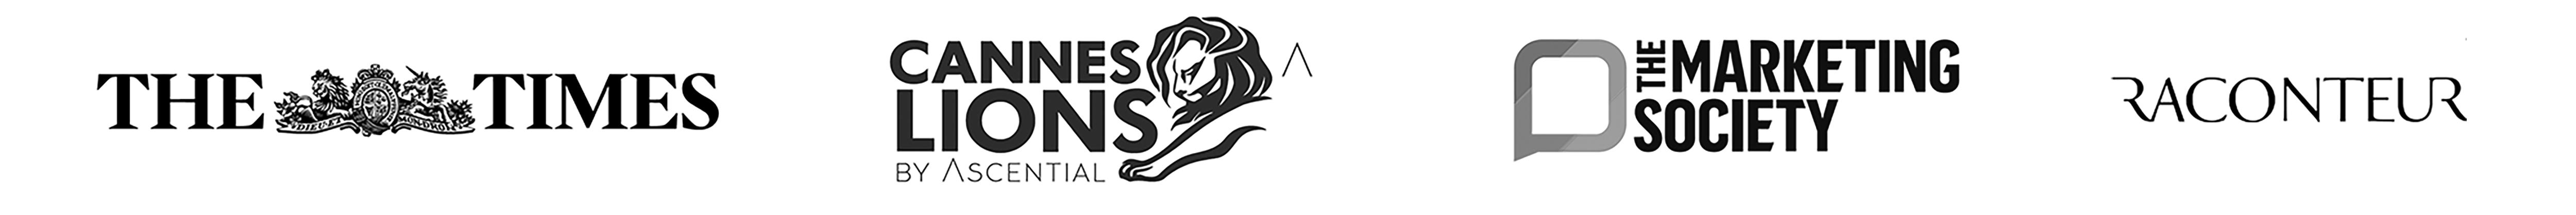 header 2 logos